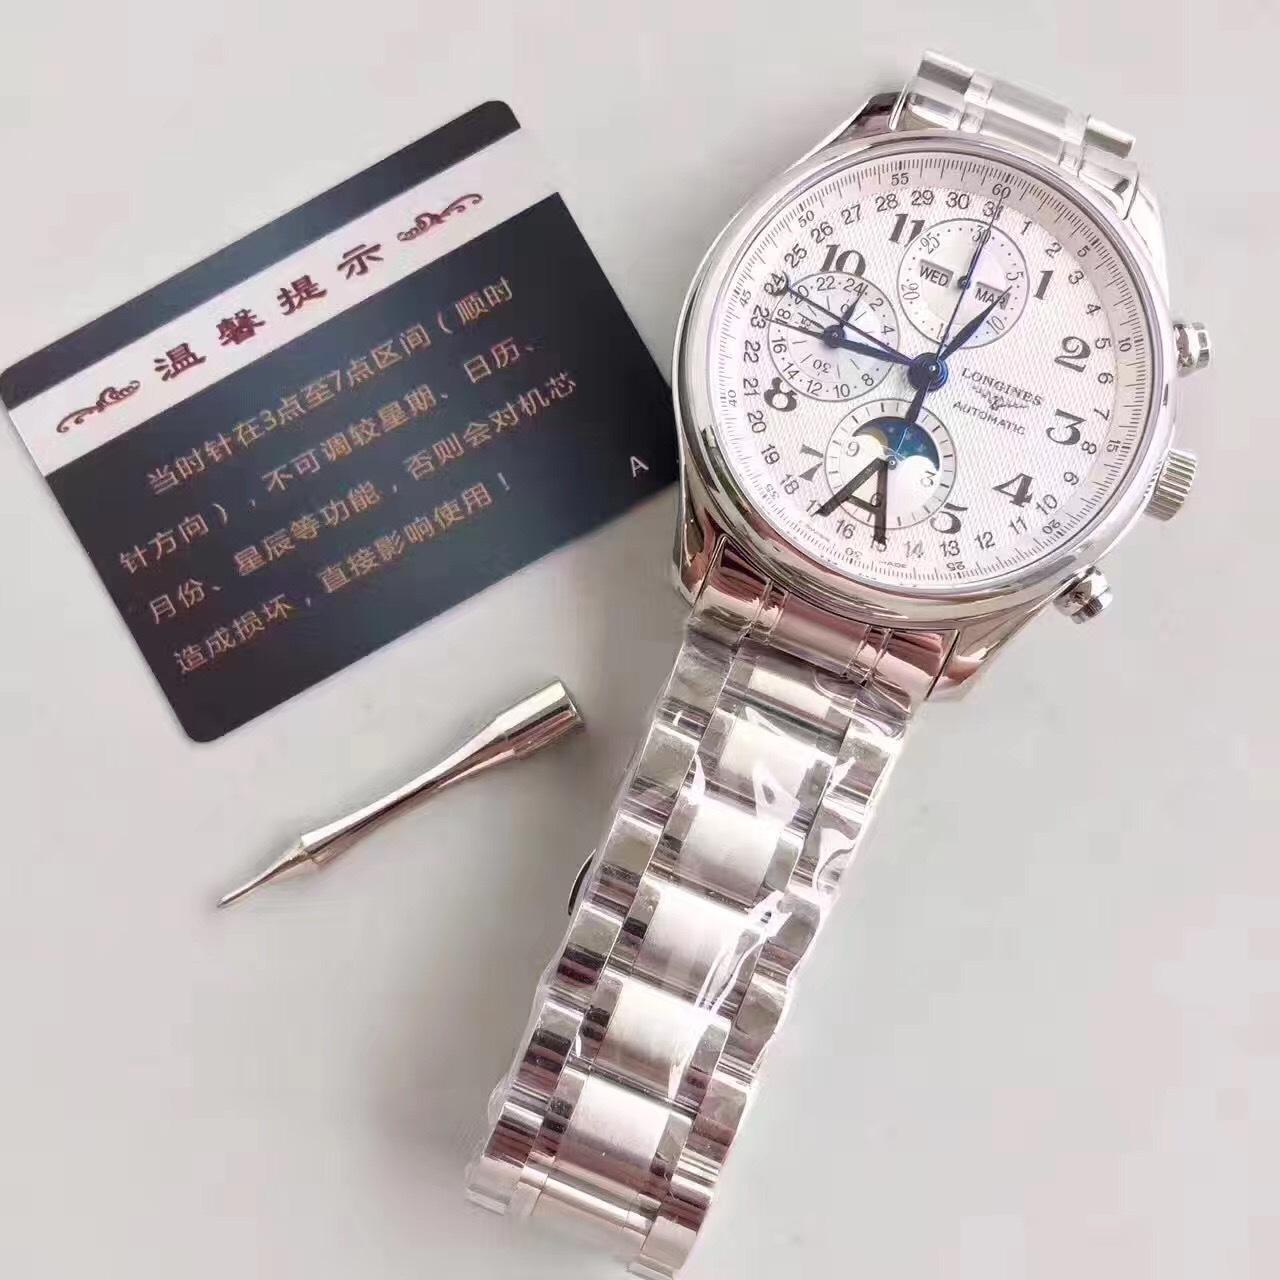 浪琴女士手表价格及图片